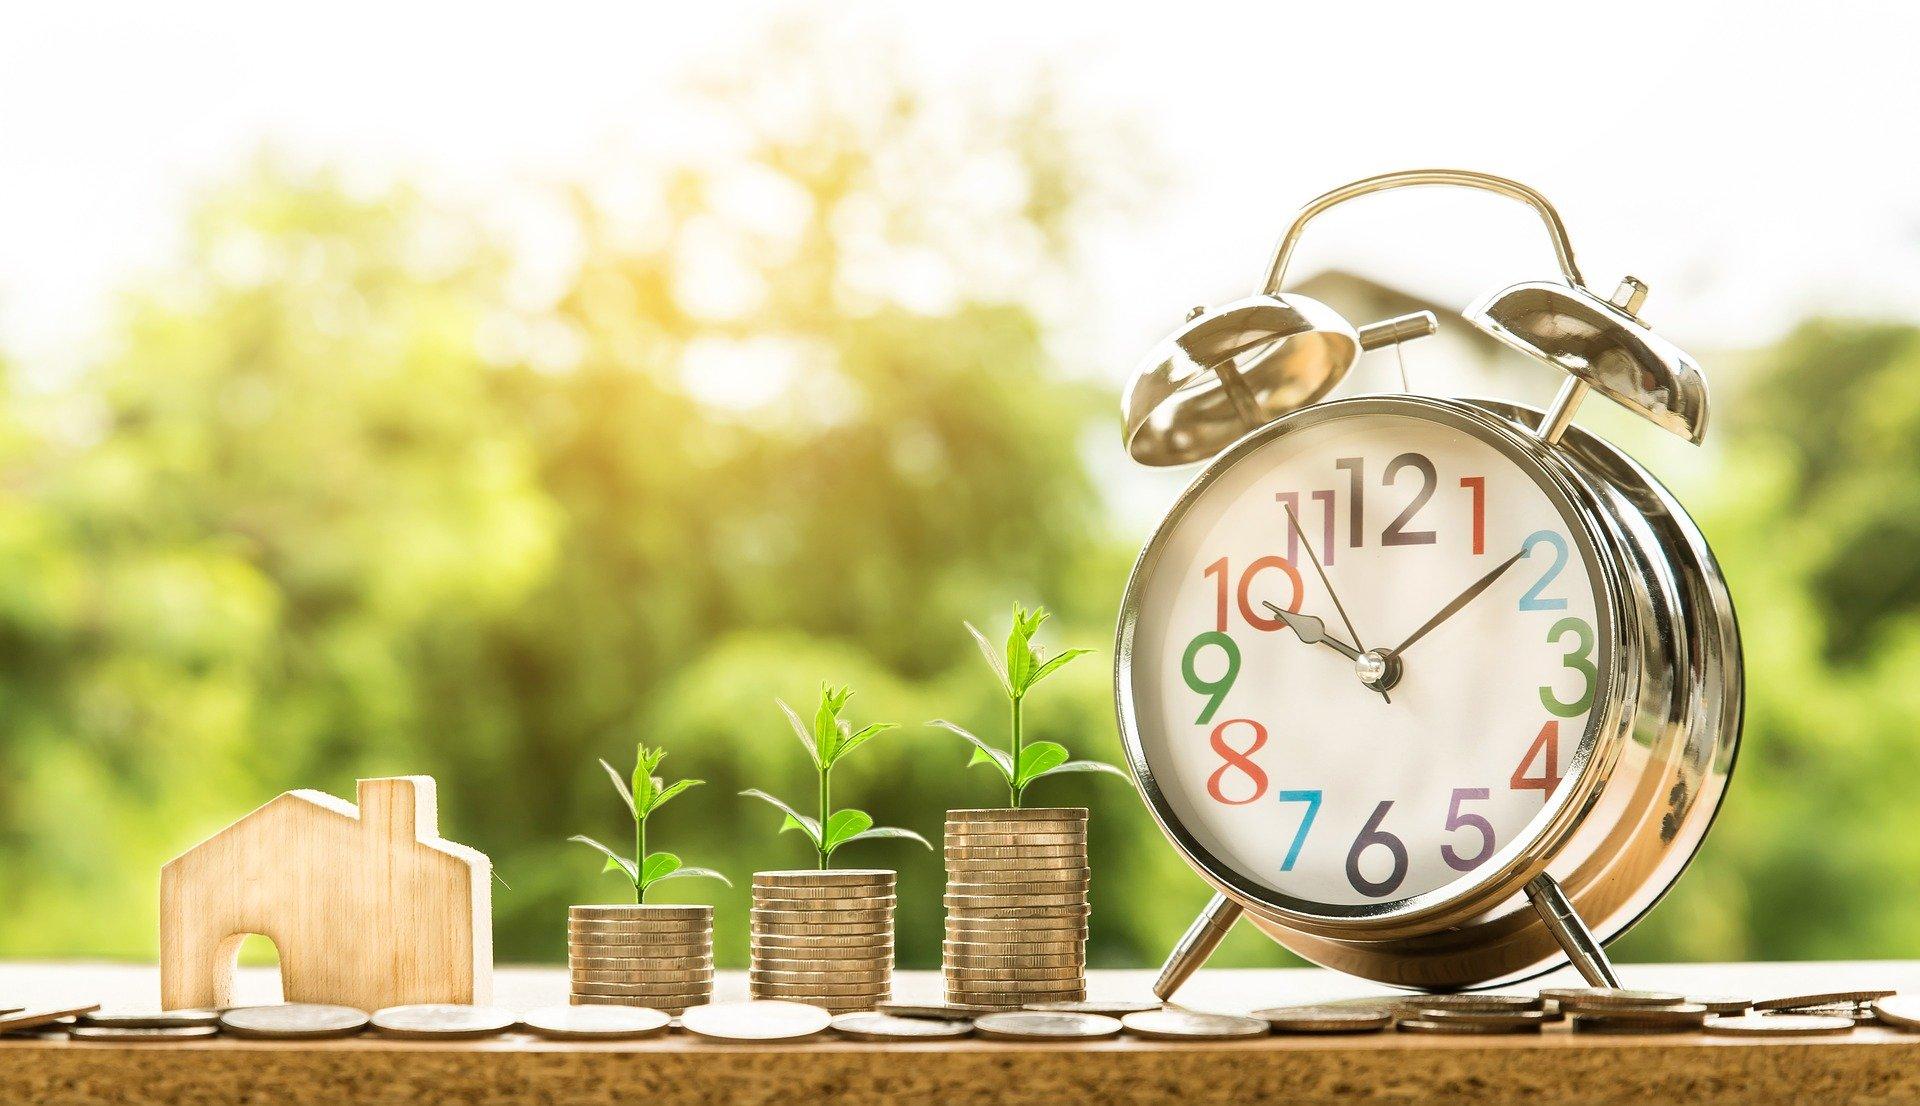 Gut vorbereitet ist gerade eine ideale Zeit sich in die Selbstständigkeit zu begeben. Foto: pixabay.com / © Nattanan Kanchanaprat.